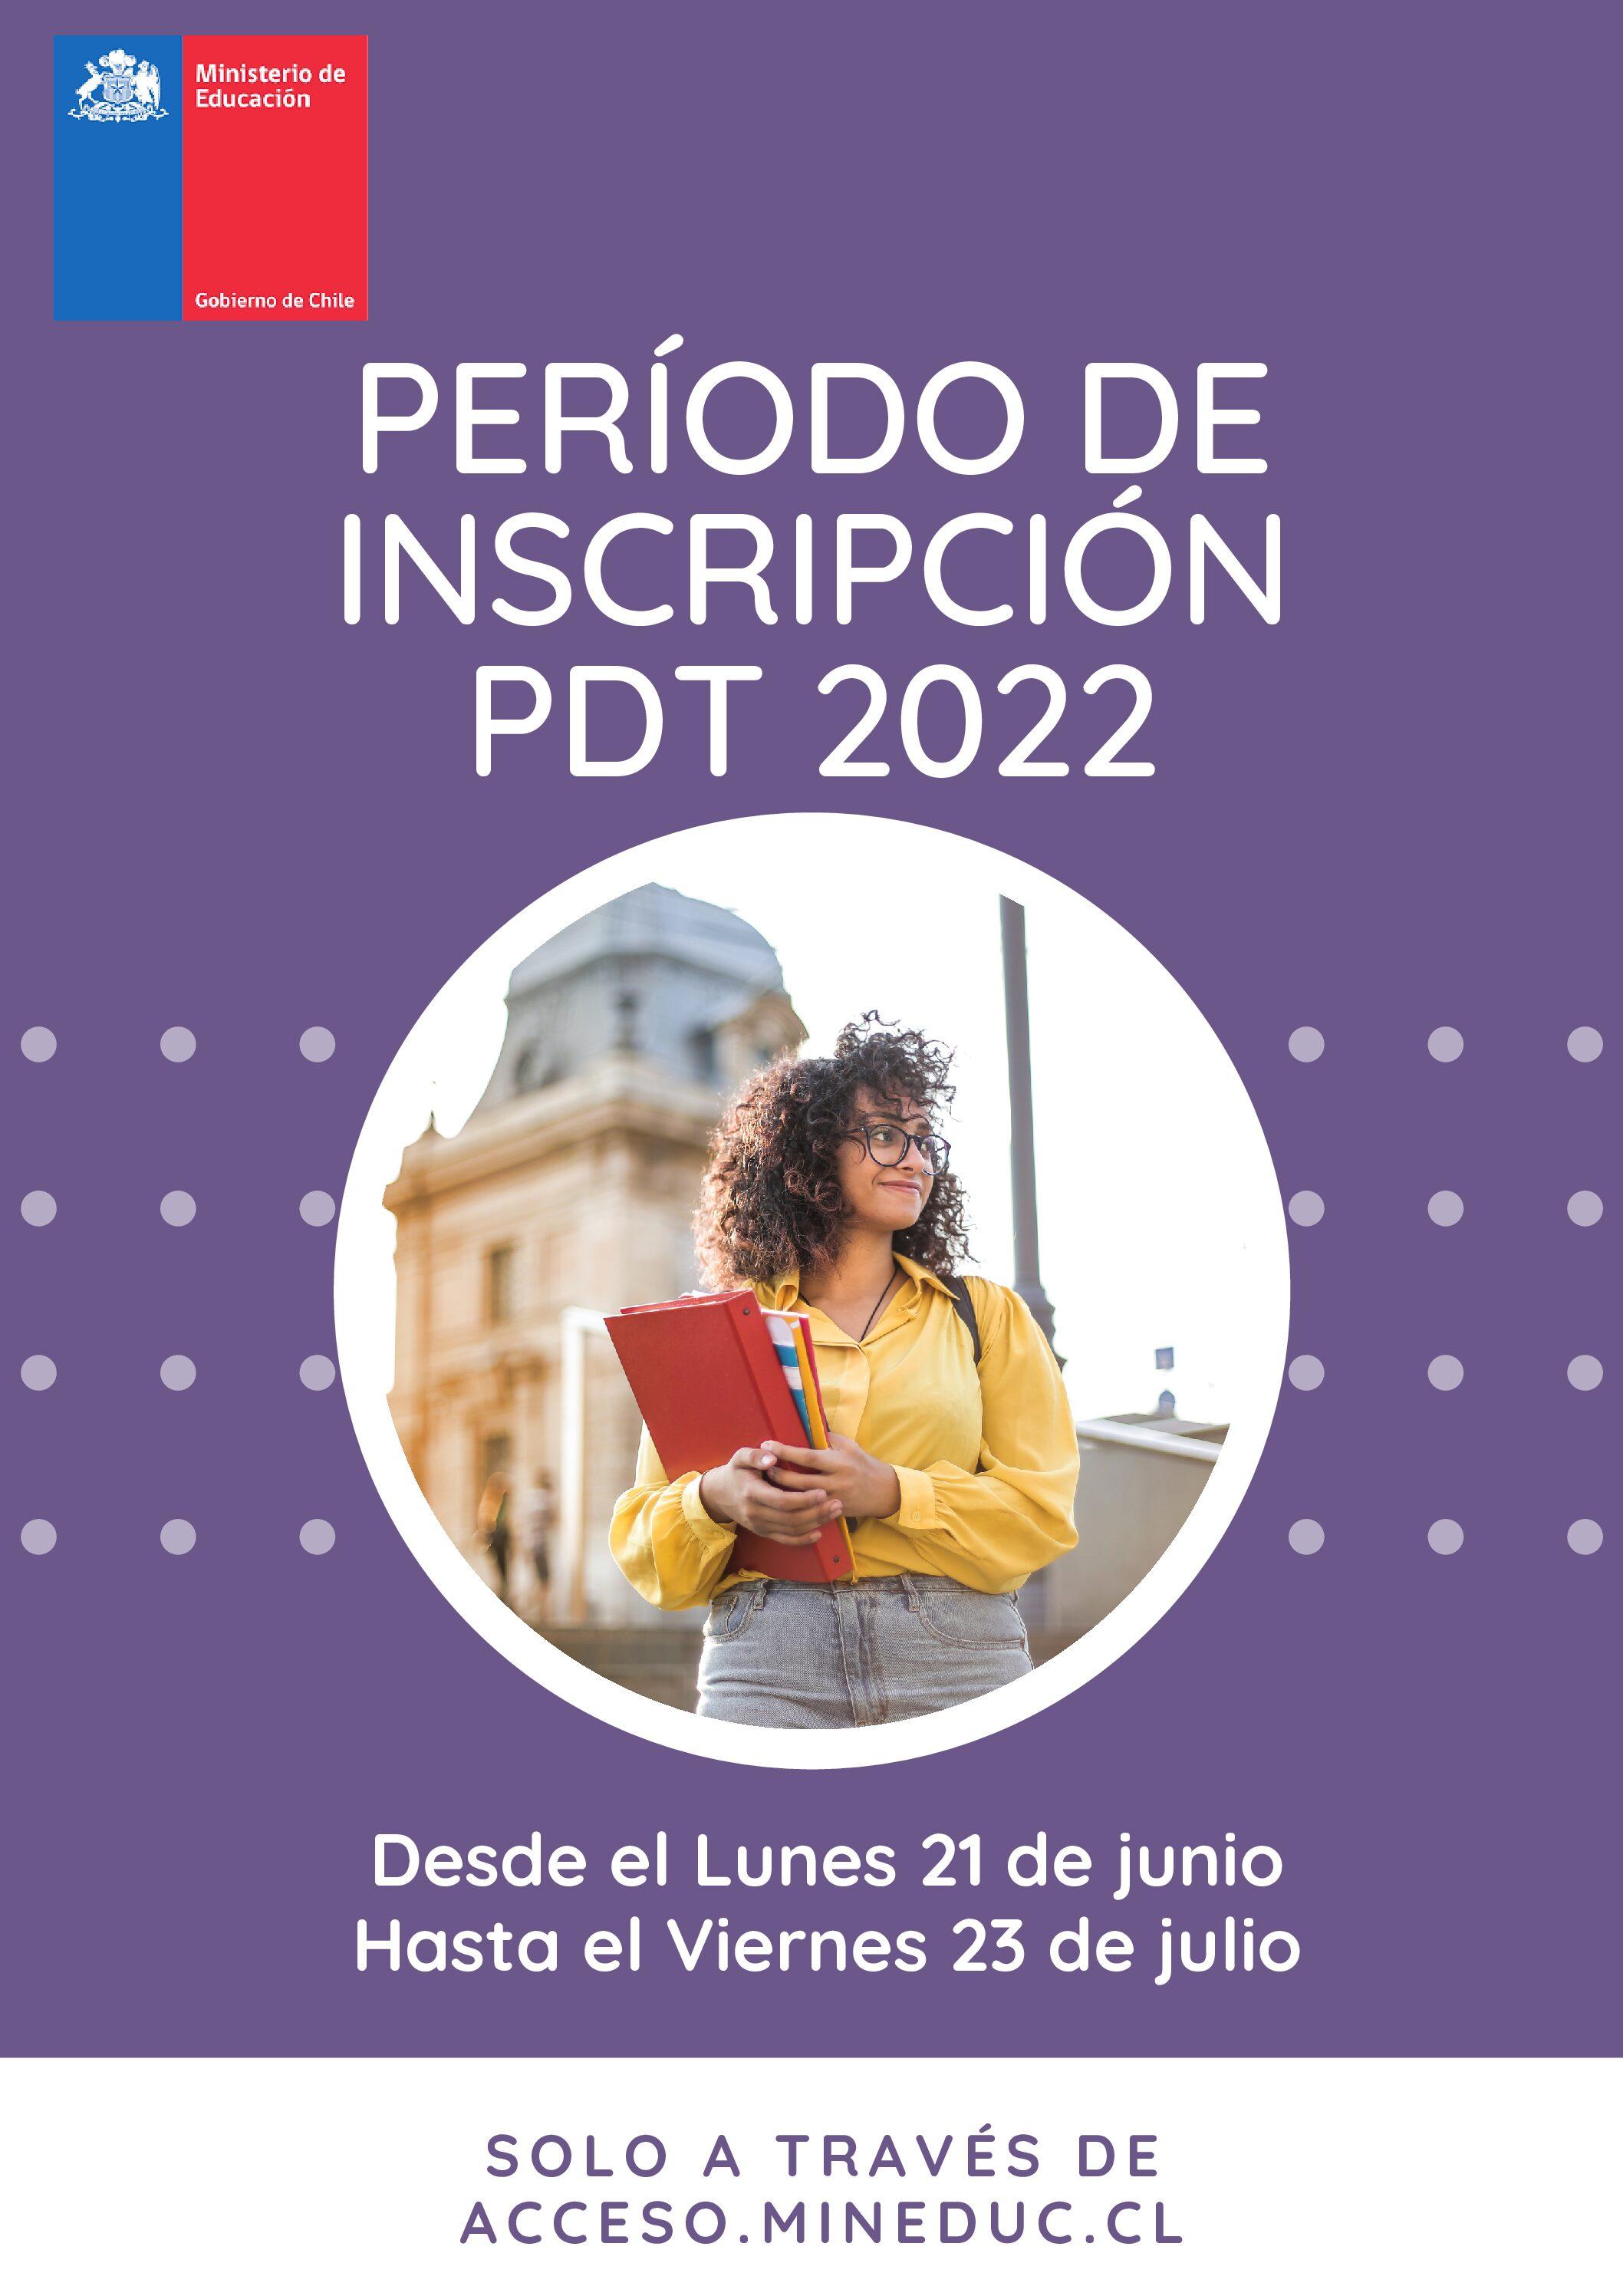 Período de Inscripción PDT 2022